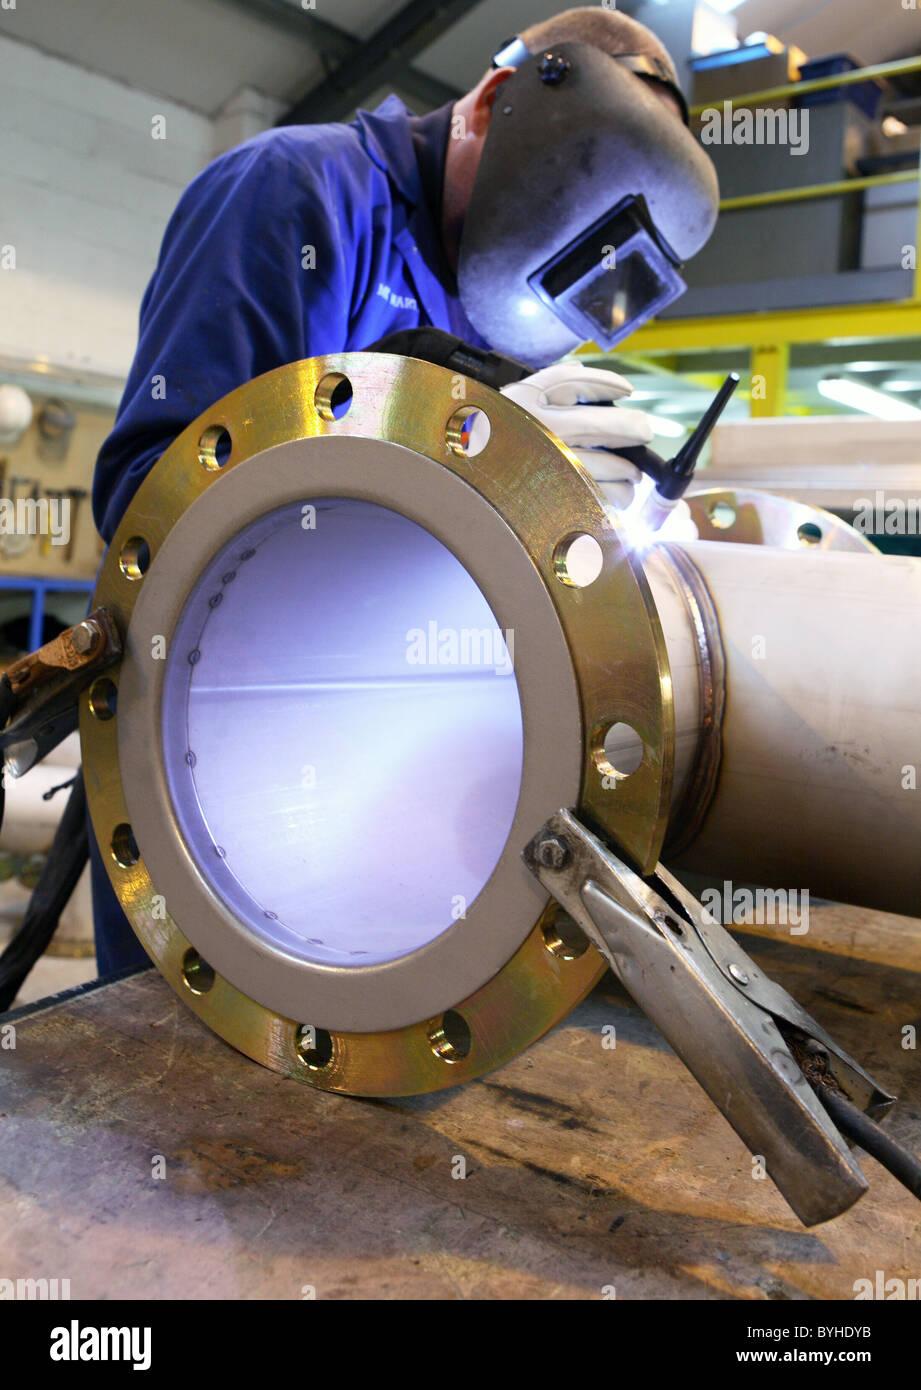 Saldatrice a lavorare su grandi fabbricazione della tubazione Immagini Stock